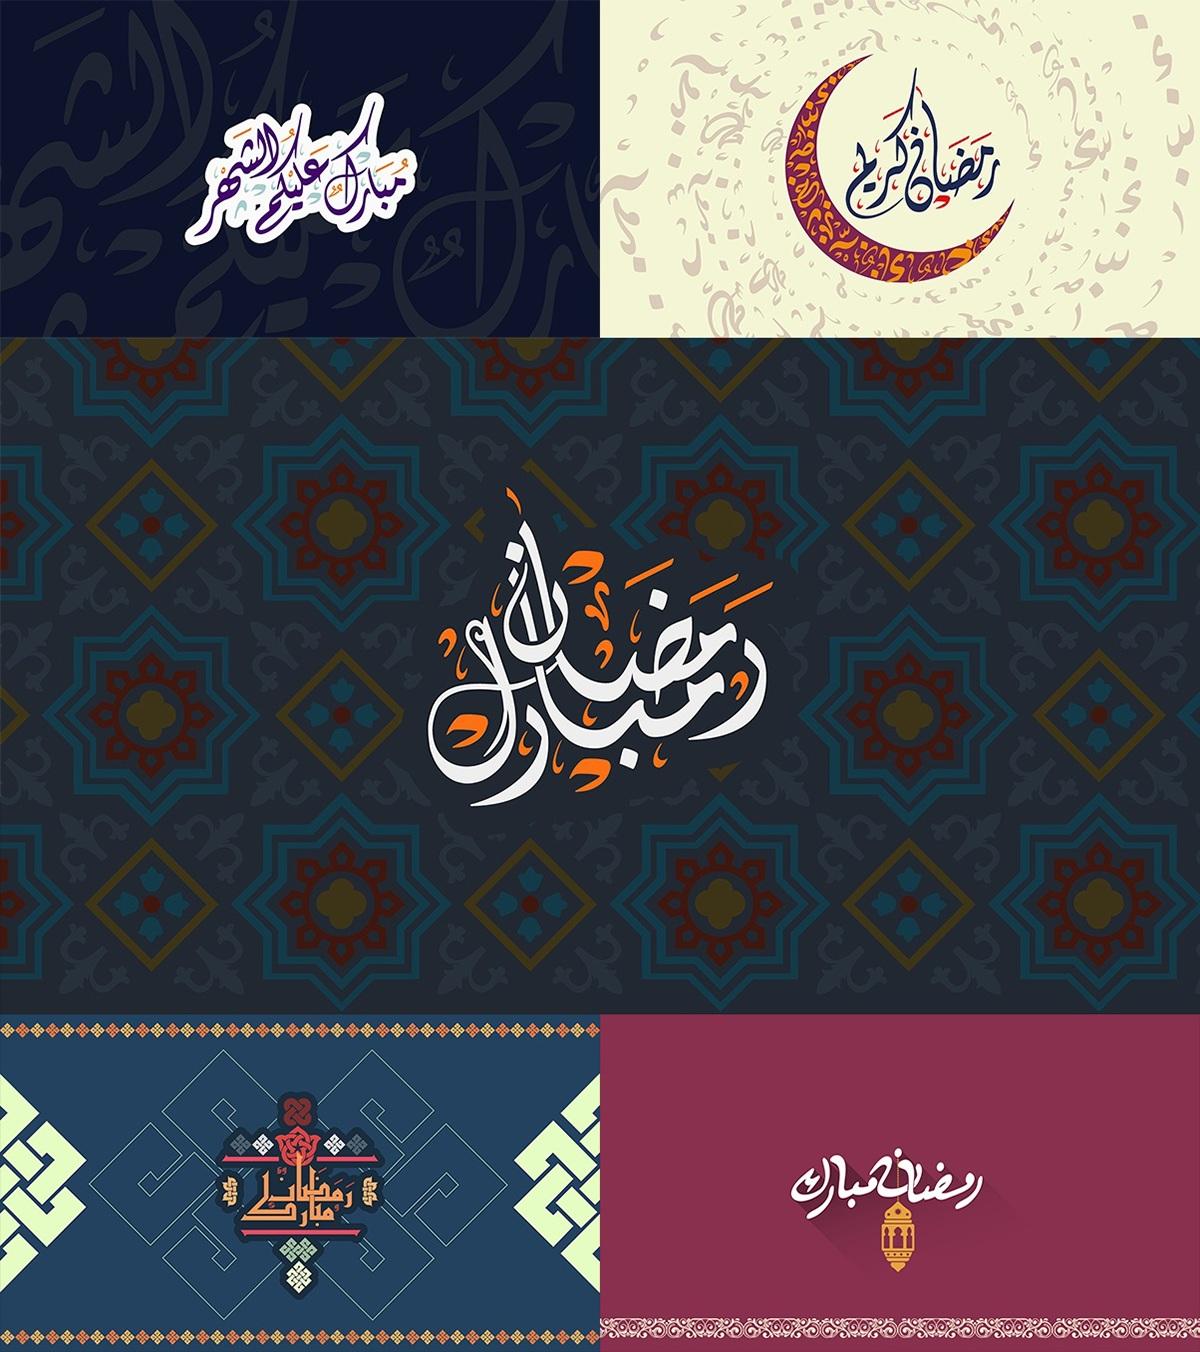 مخطوطات رمضان2018 - موقع بلال ارت